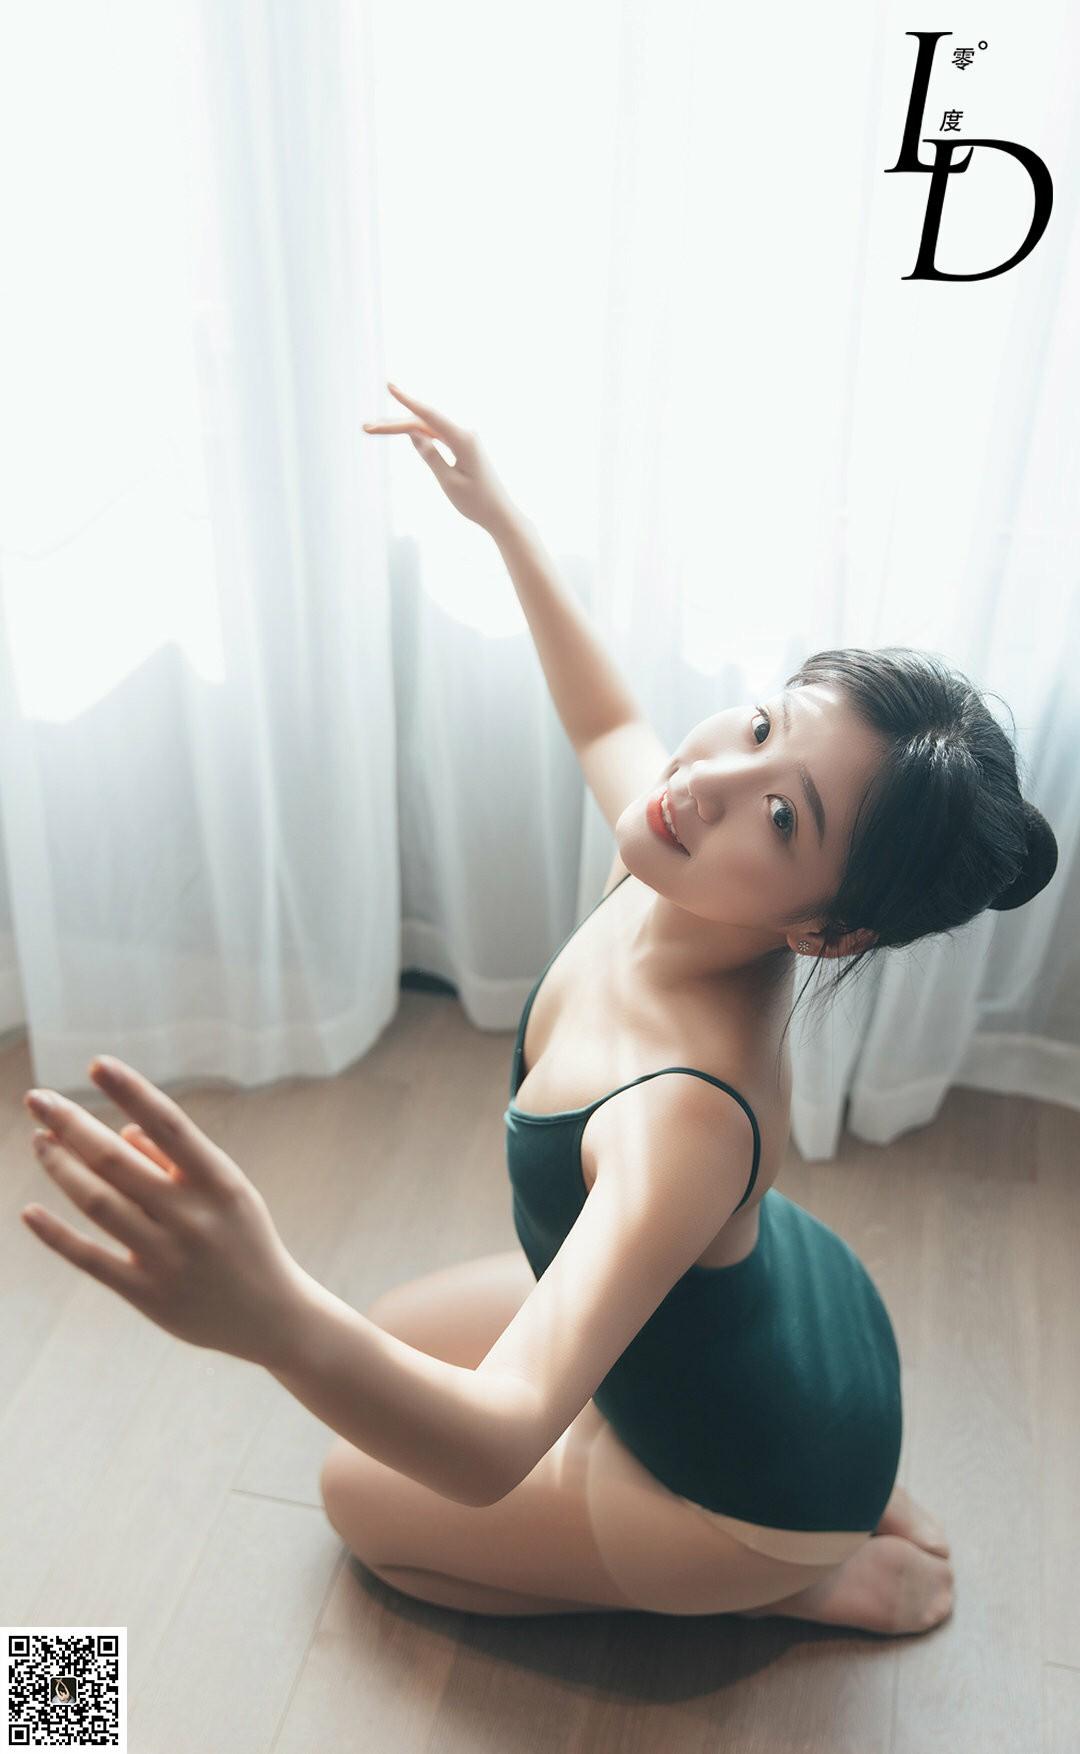 [LD零度摄影]第41期 舞蹈生张晓